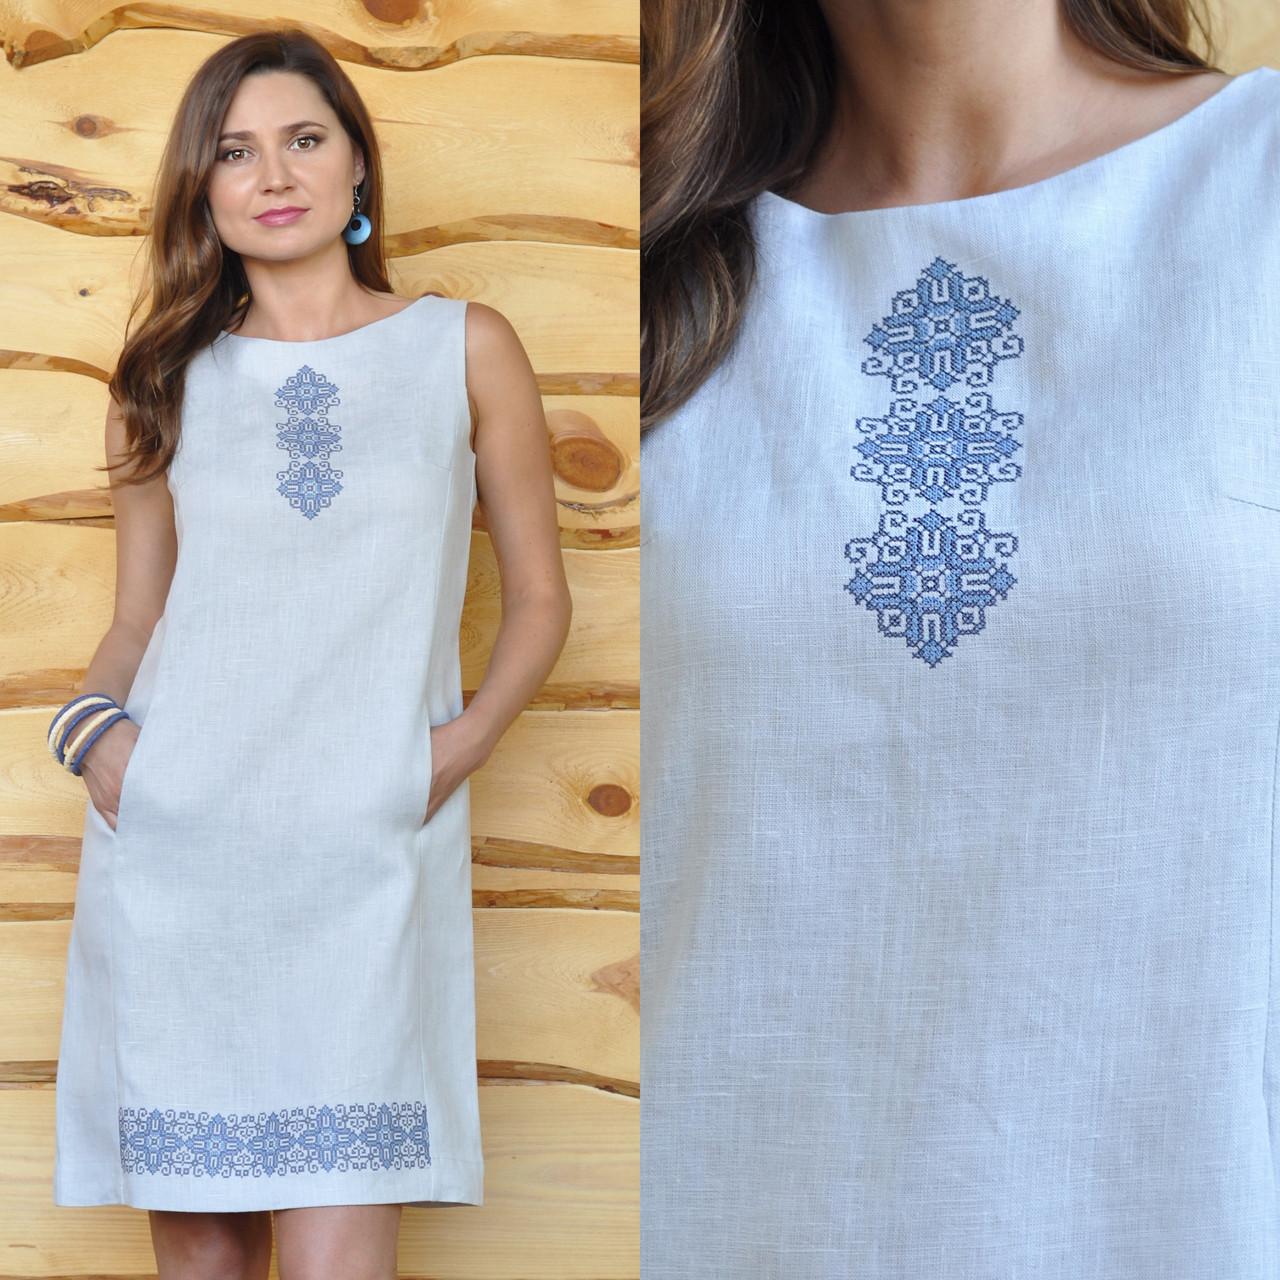 Вышитое белое платье - Интернет-магазин